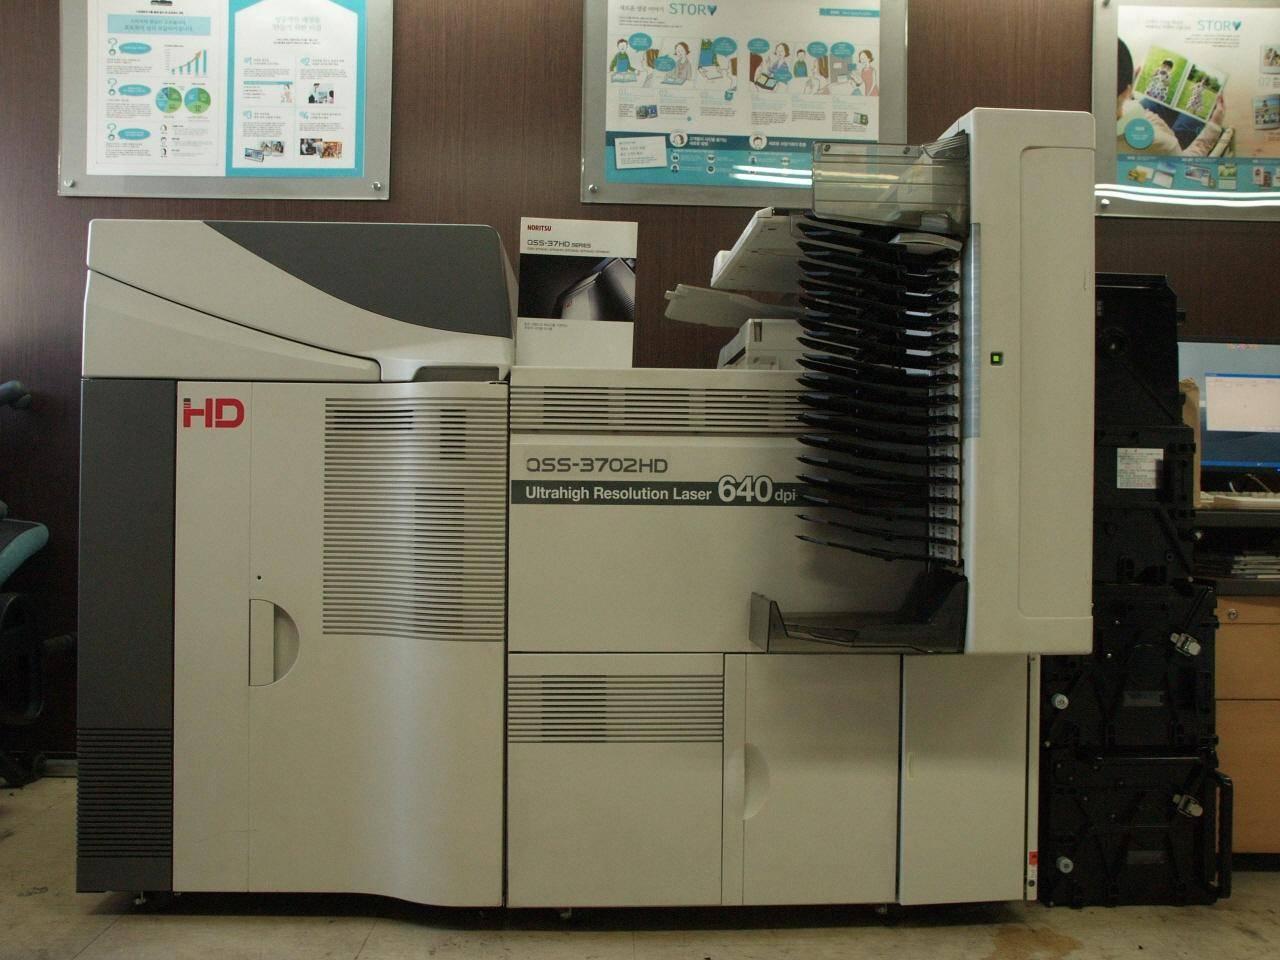 Noritsu Minilab, Fuji Printer